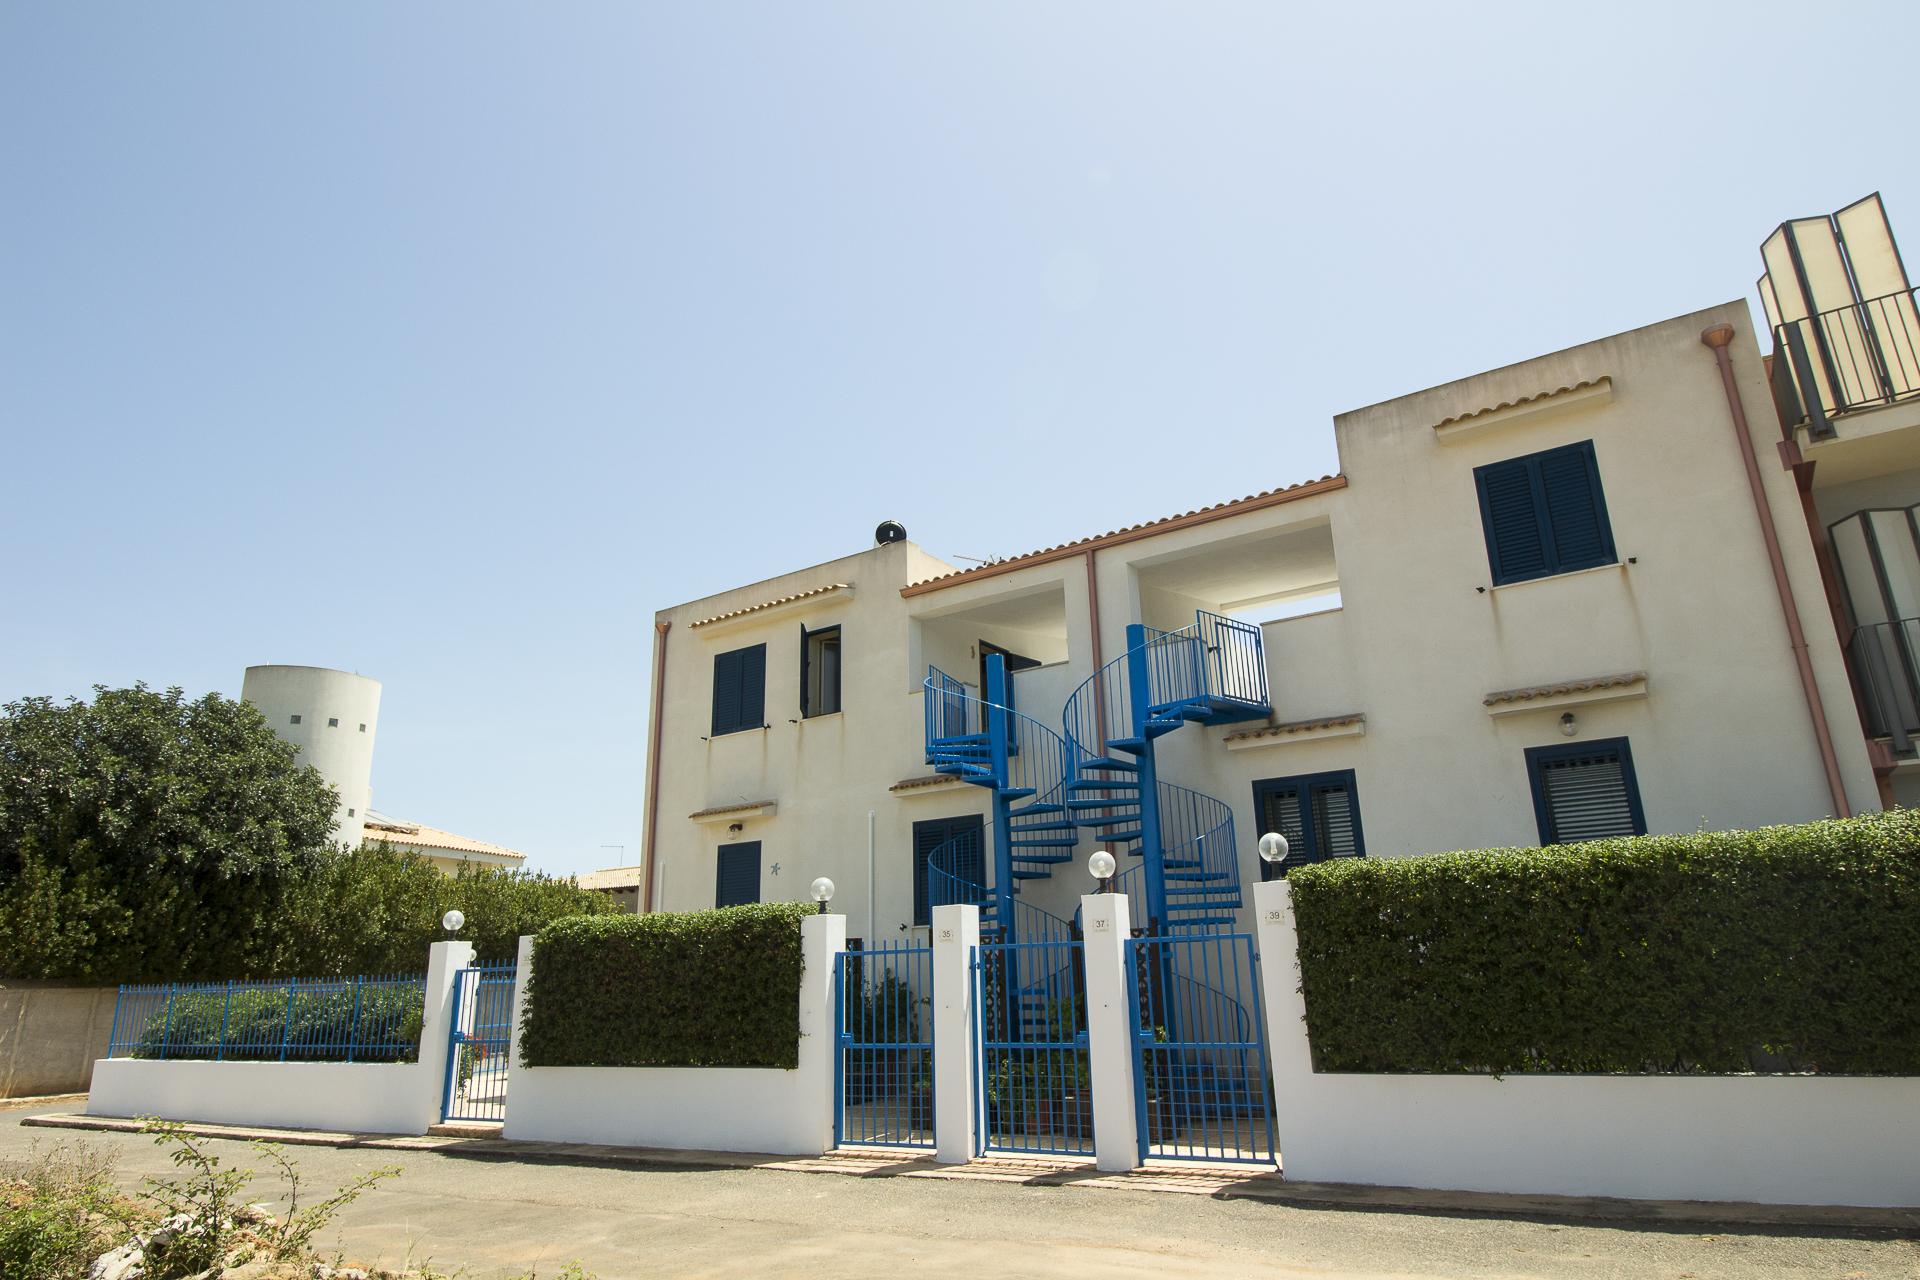 Casa vacanze Noto_sole_di_Sicilia_hotel_noto_marina_vacanze_noto_avola_siracusa_marzamemi_B&B_noto_camere_appartamenti_noto_mare_31